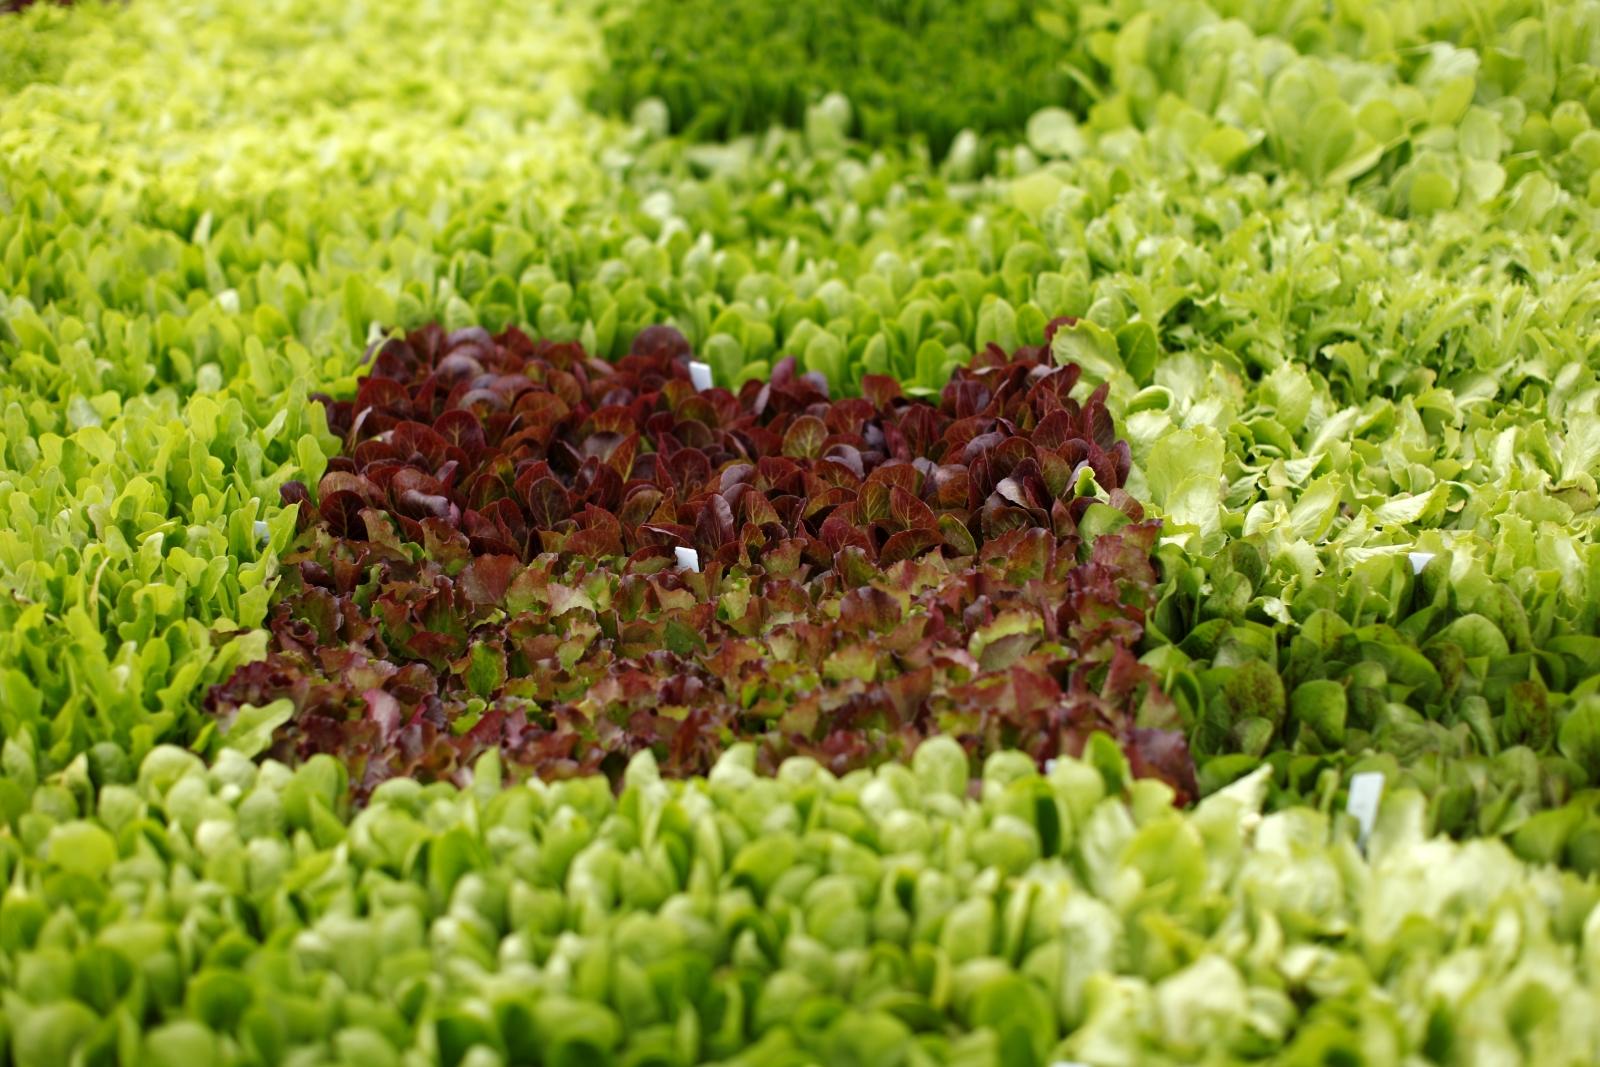 Iceberg lettuce shortage hits United Kingdom supermarkets